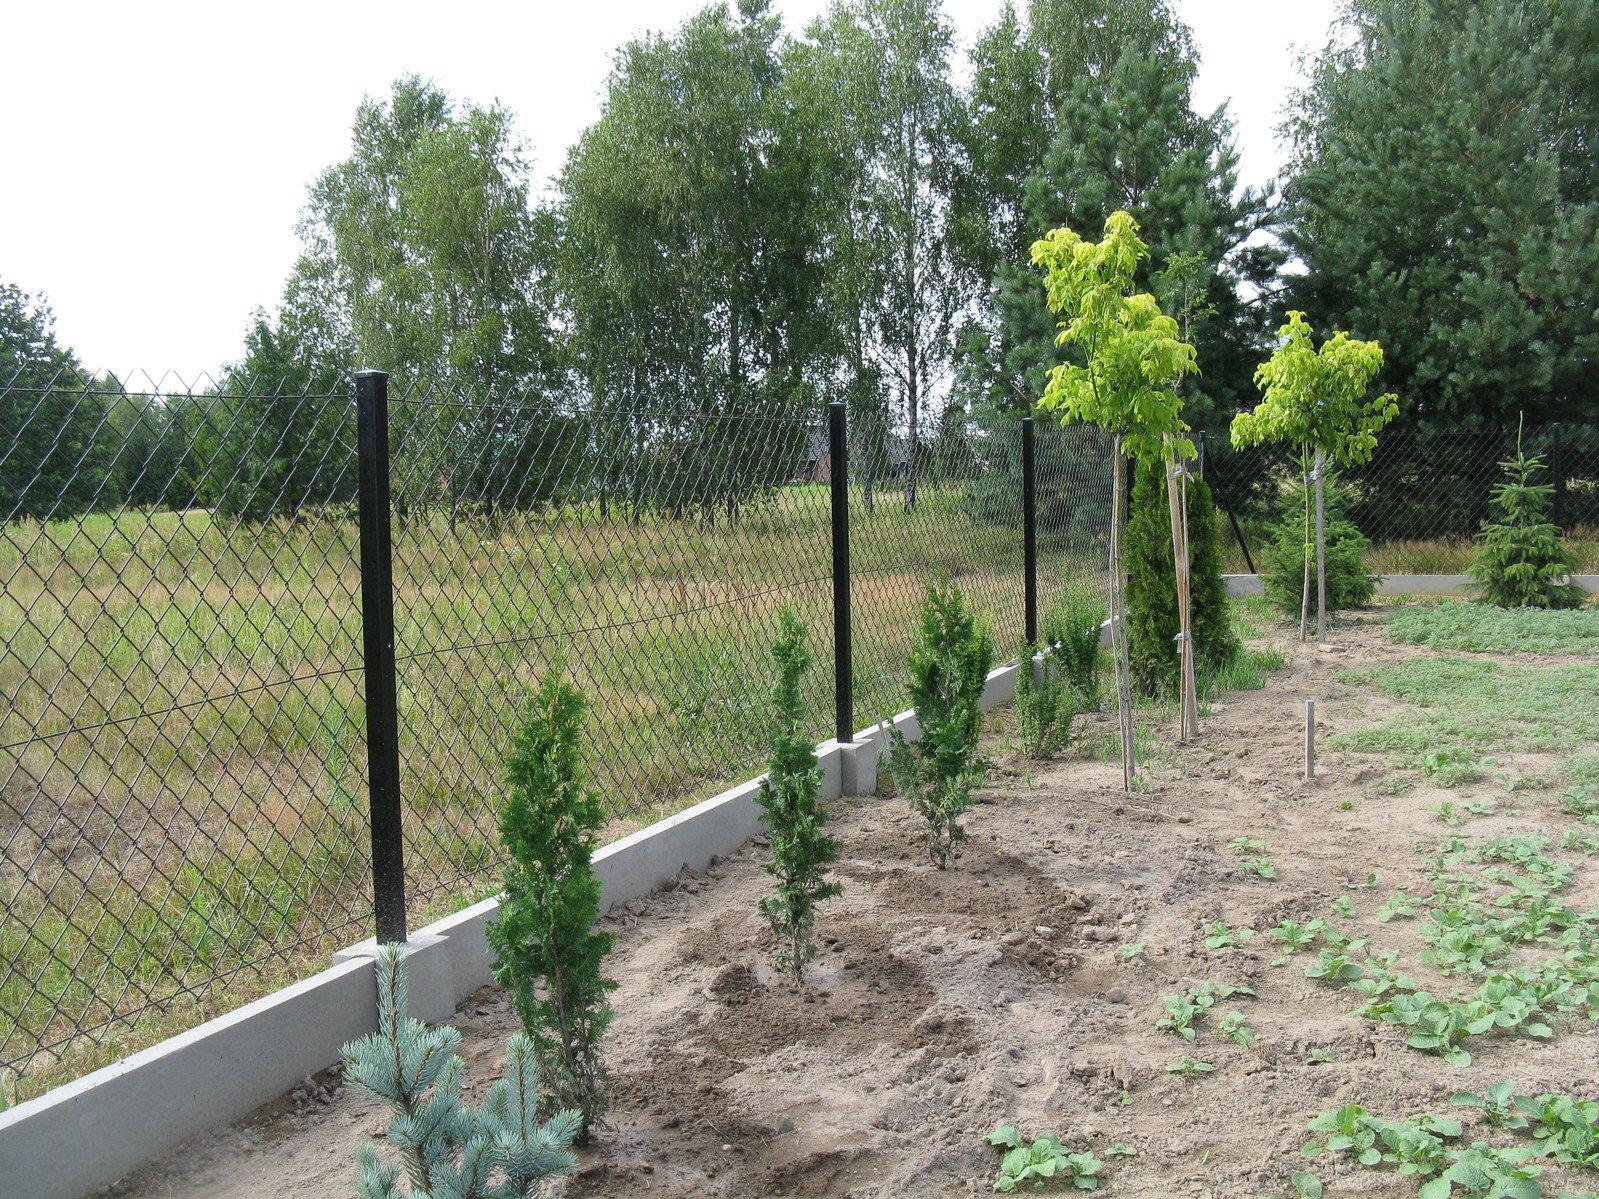 Roślin w ogrodzie mniej niż chwastów